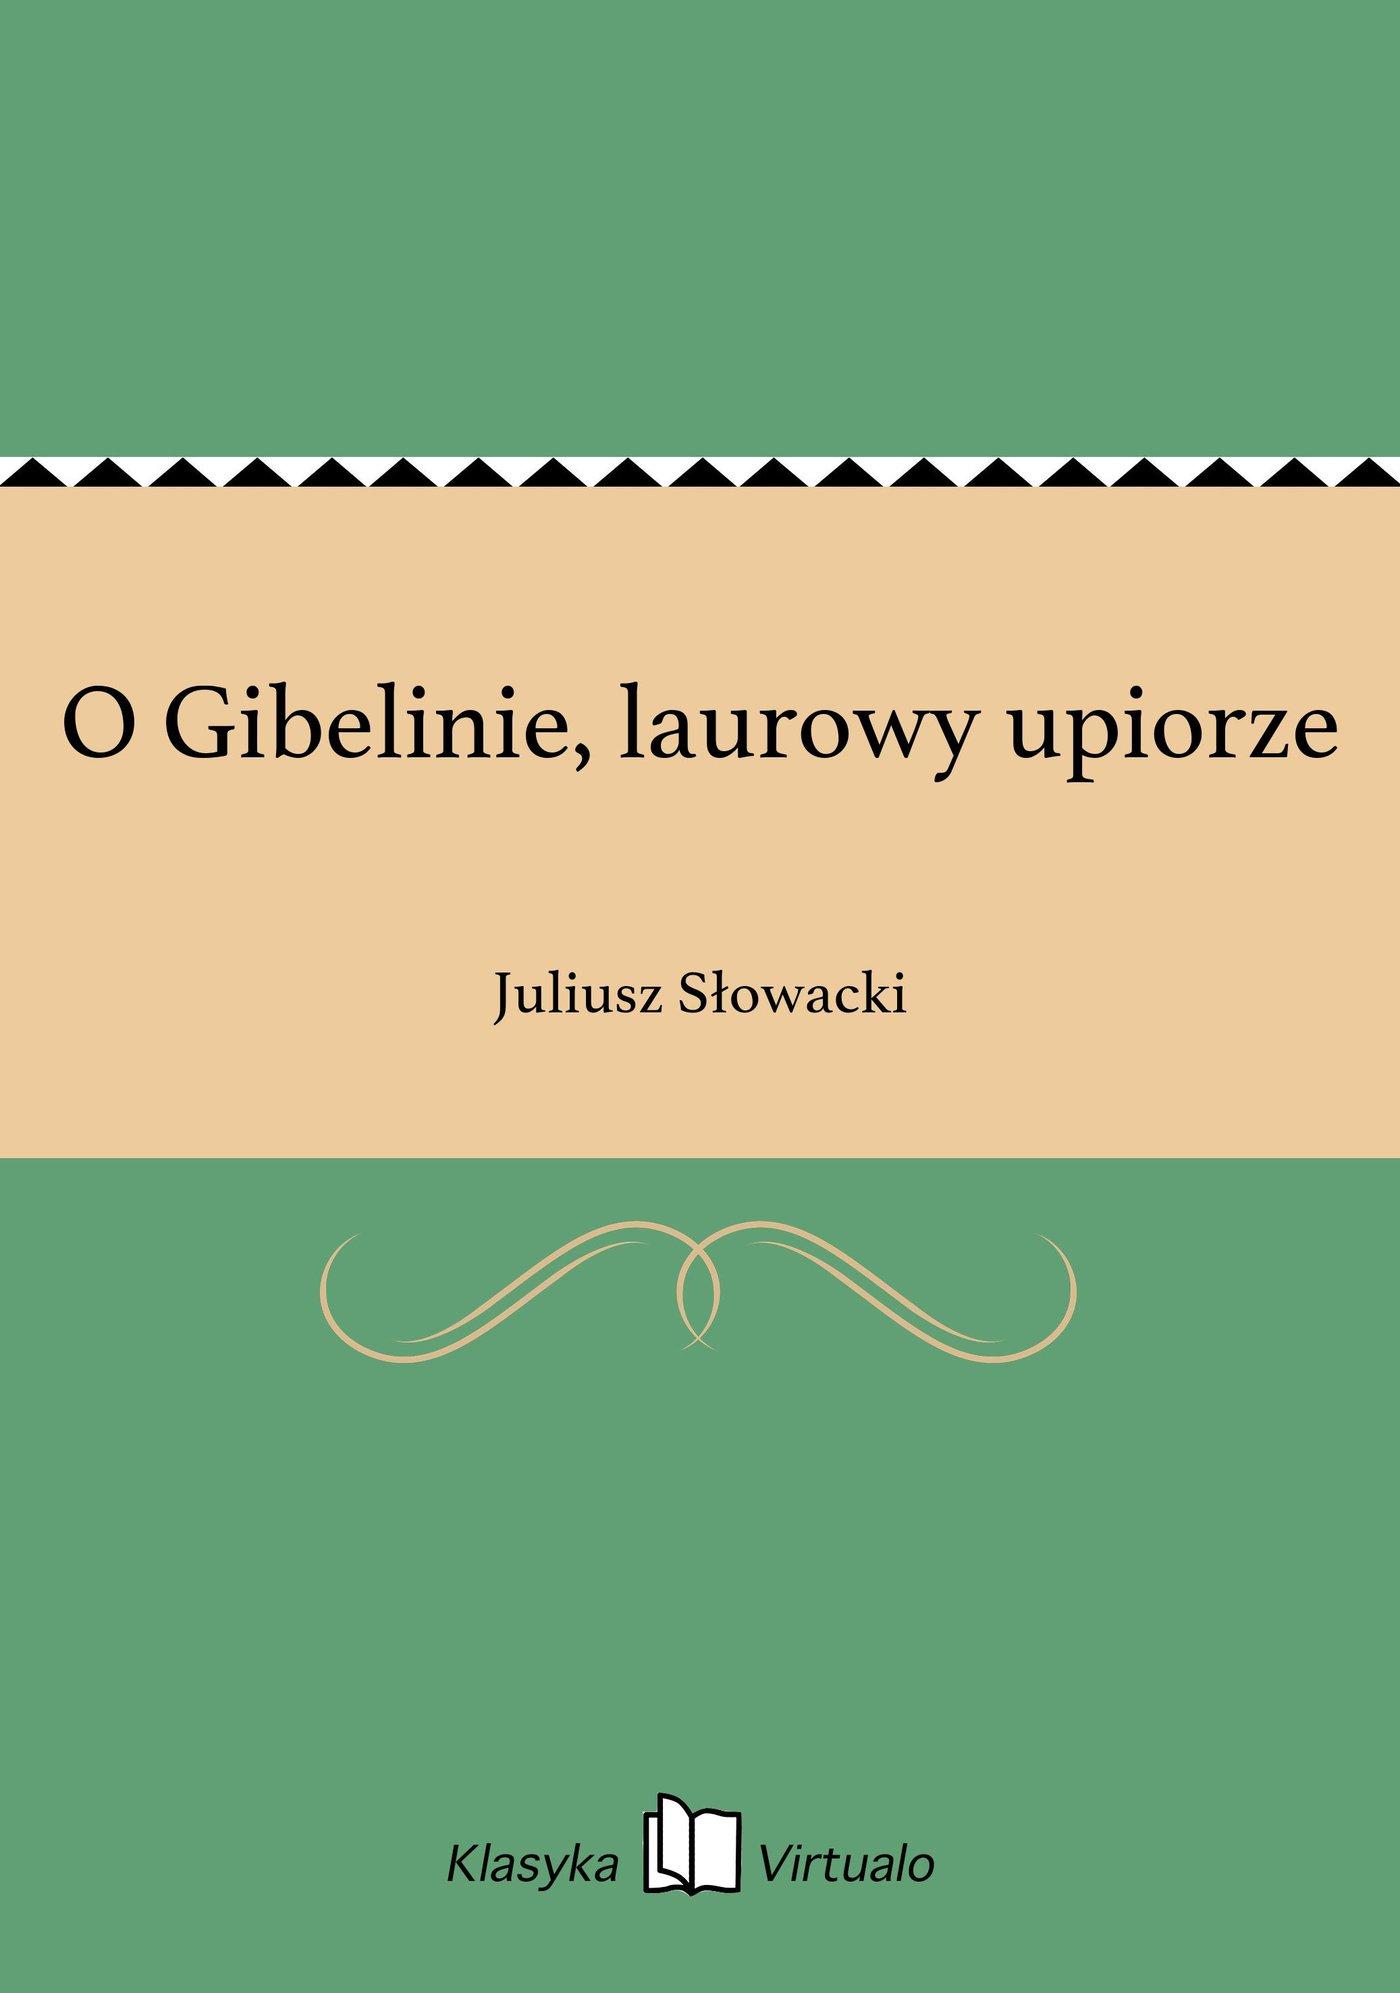 O Gibelinie, laurowy upiorze - Ebook (Książka EPUB) do pobrania w formacie EPUB